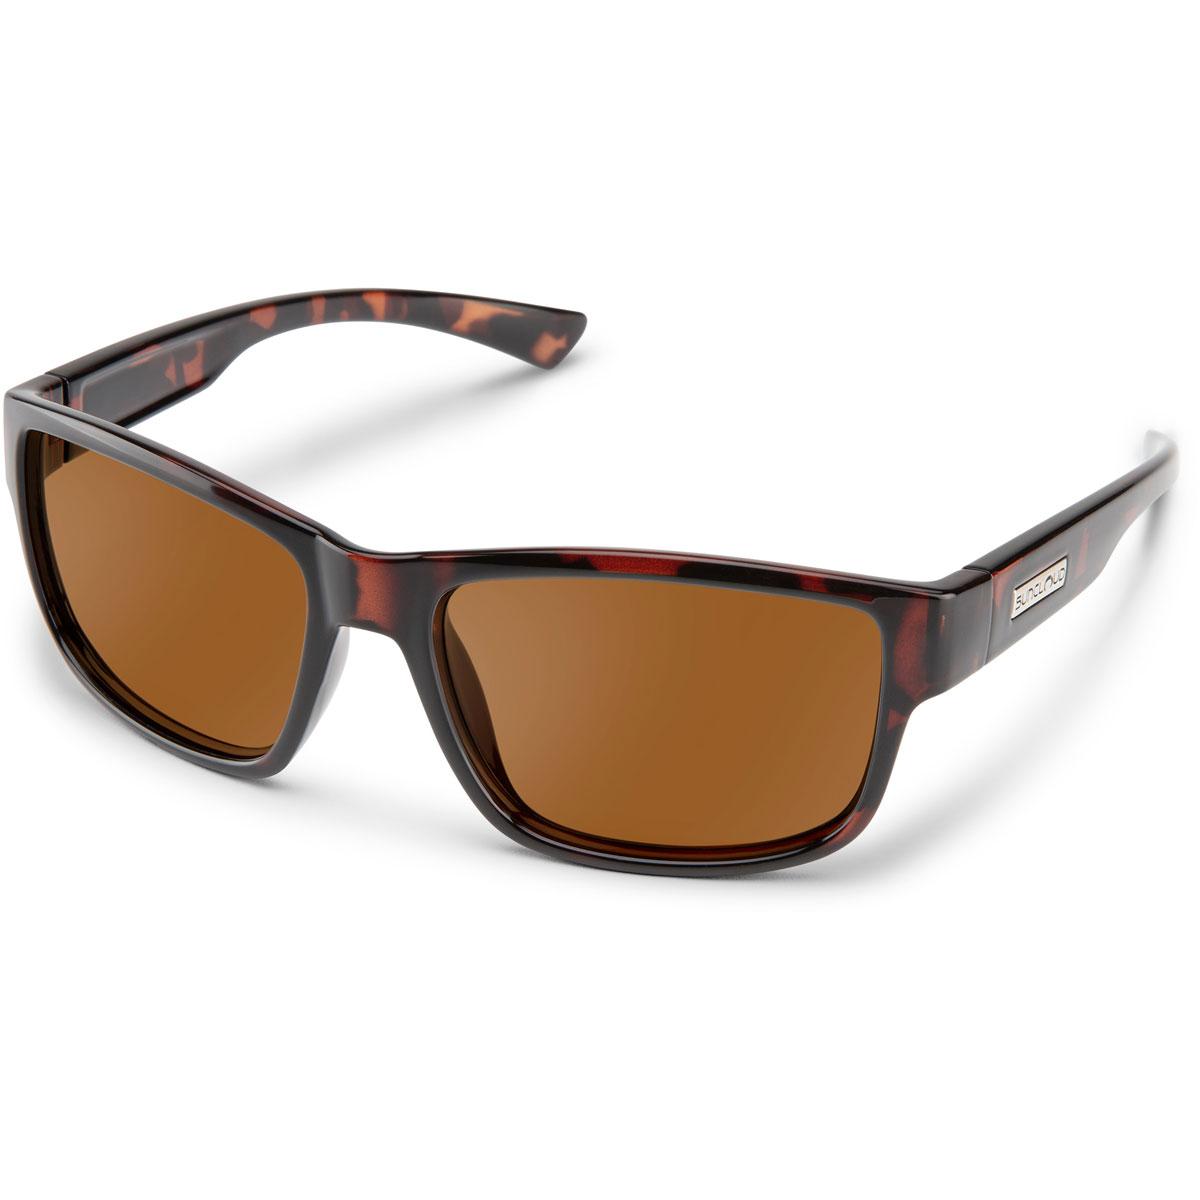 Suncloud Suspect Polarized Sunglasses - Color: Havana - Brown Lens, Havana - Brown Lens, large, image 1